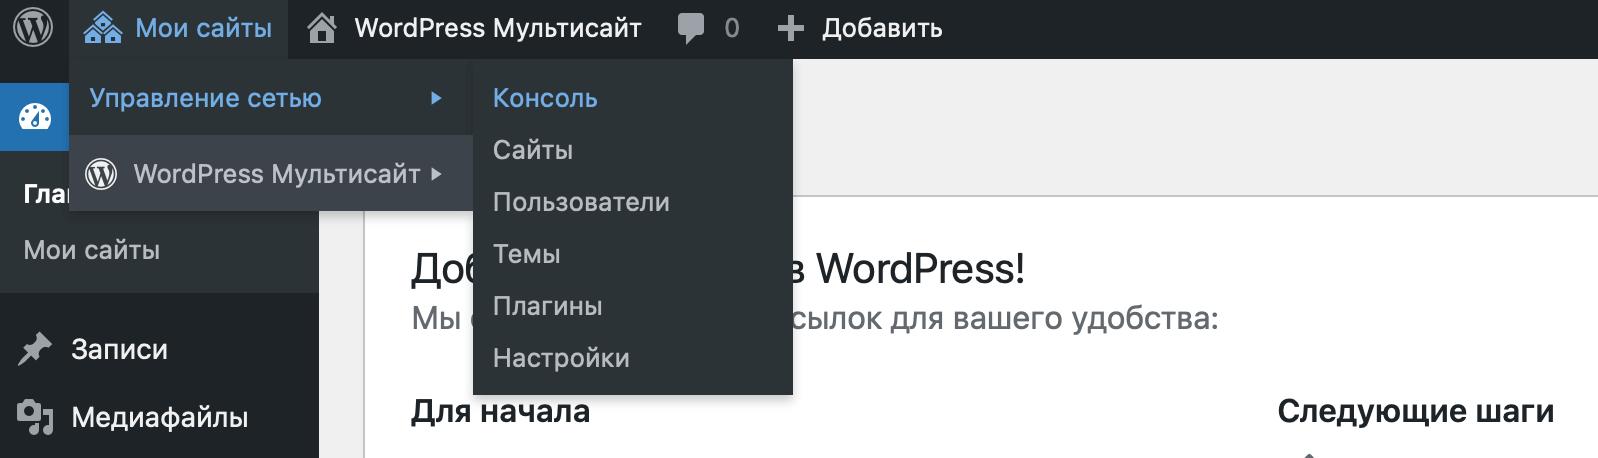 как перейти в консоль управления сетью WordPress Мультисайт